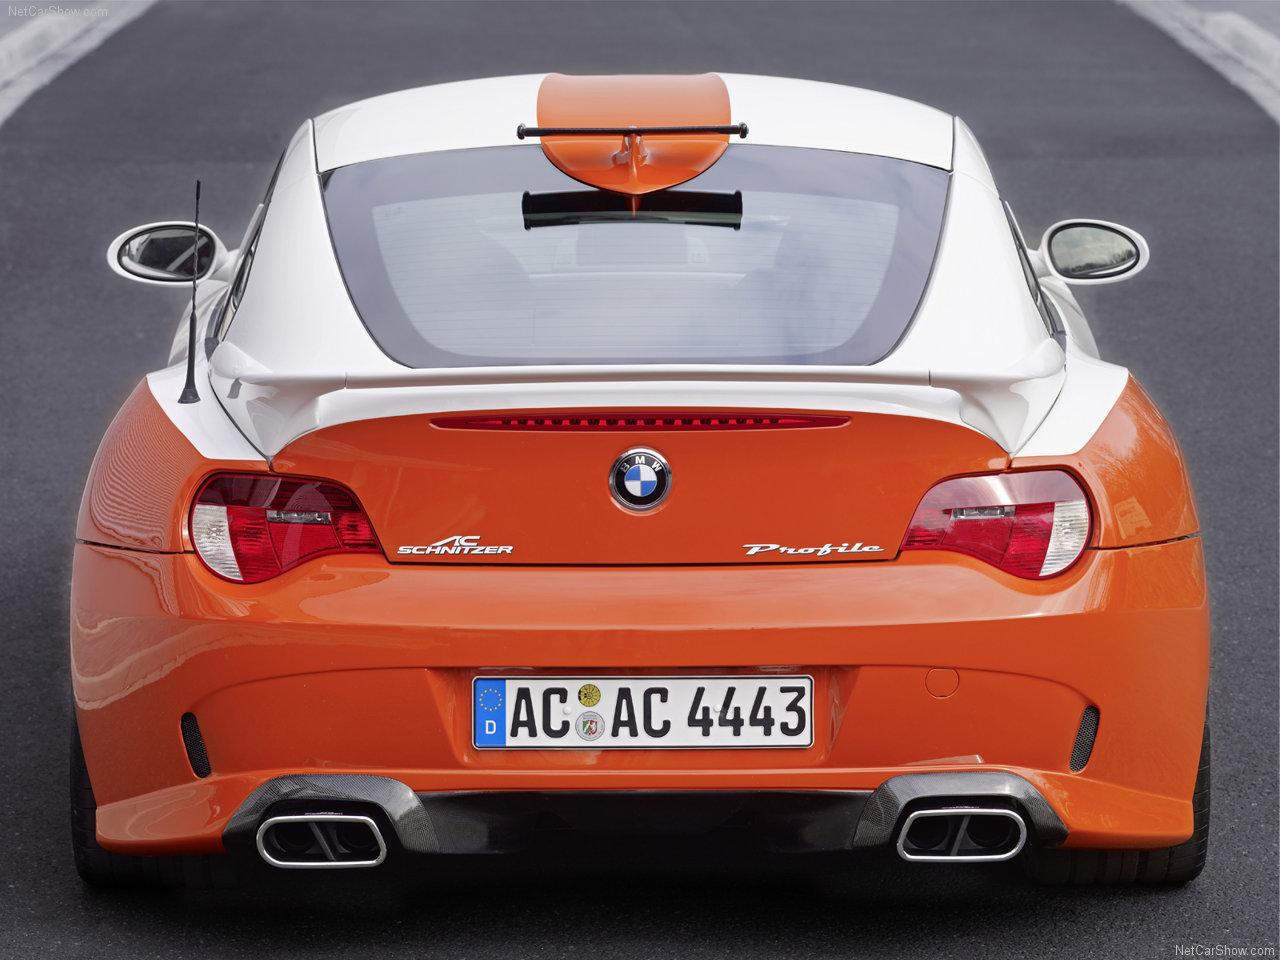 AC Schnitzer BMW Z4 Profile 2007 AC_Schnitzer-BMW_Z4_Profile_Concept-2007-1280-04